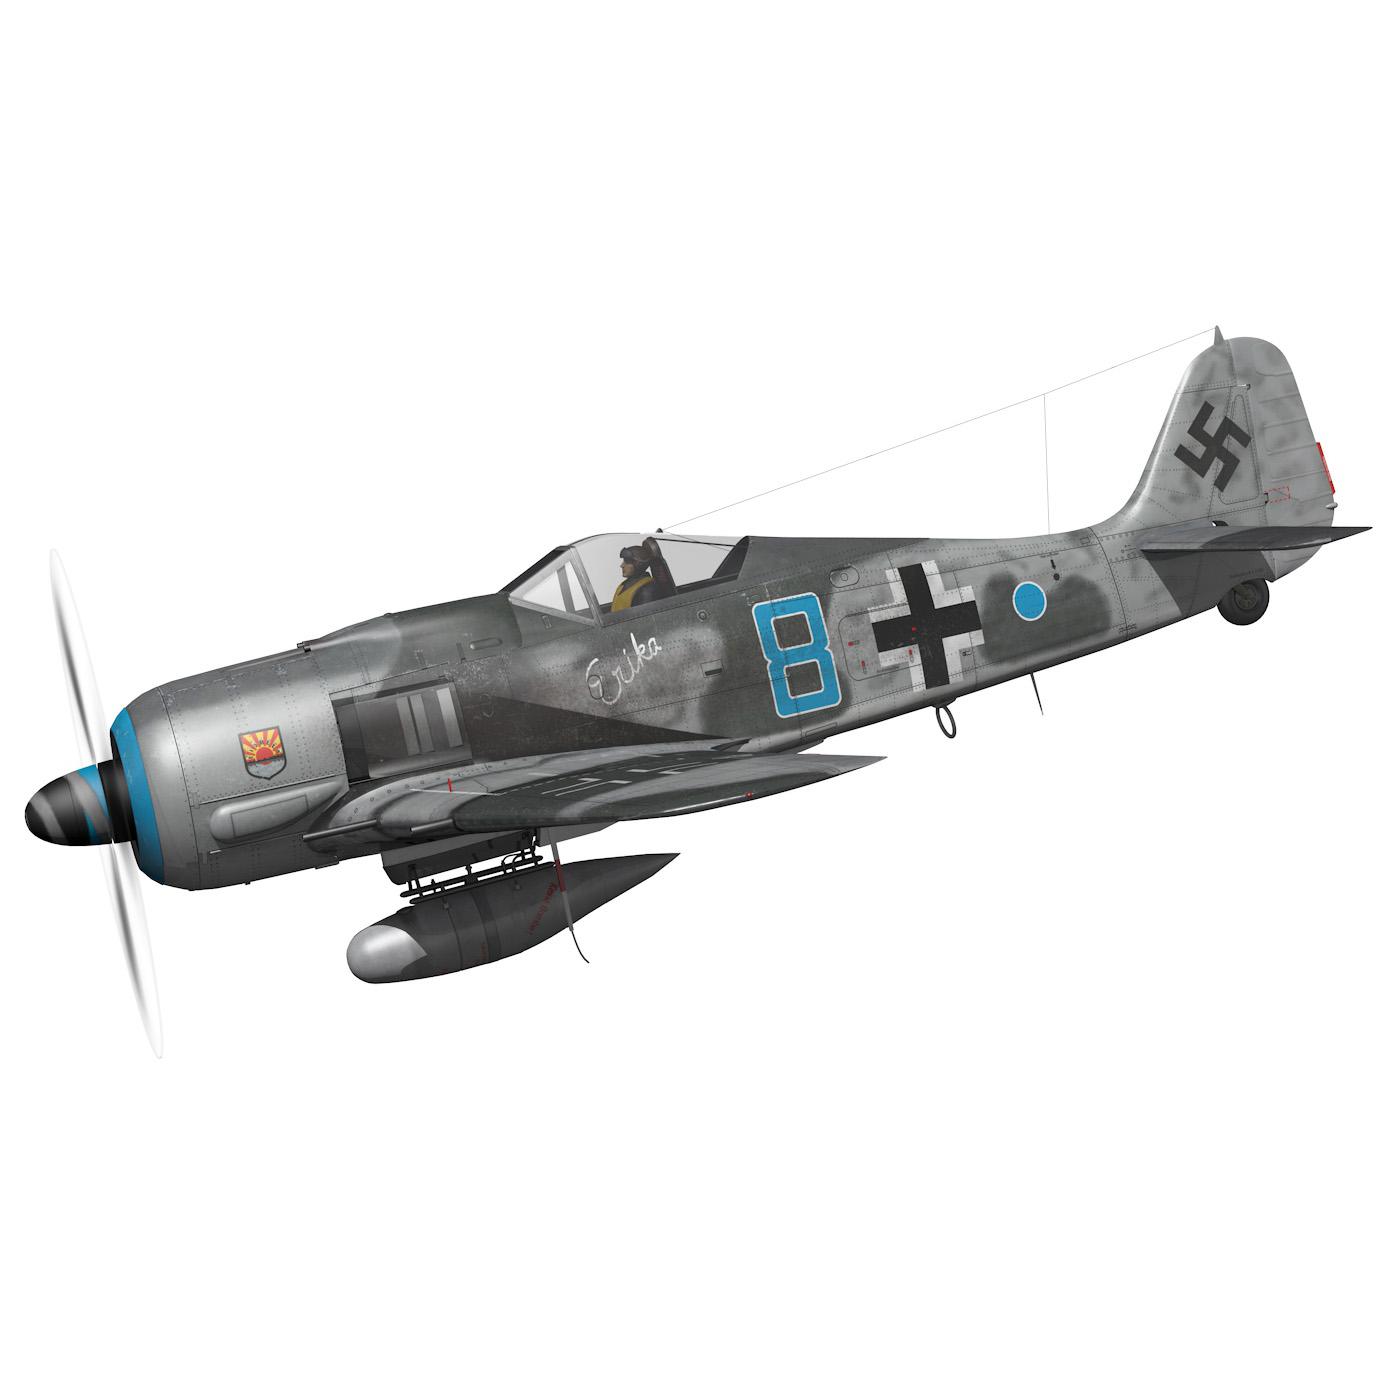 focke wulf – fw190 a8 – blue 8 3d model 3ds fbx c4d lwo obj 293543